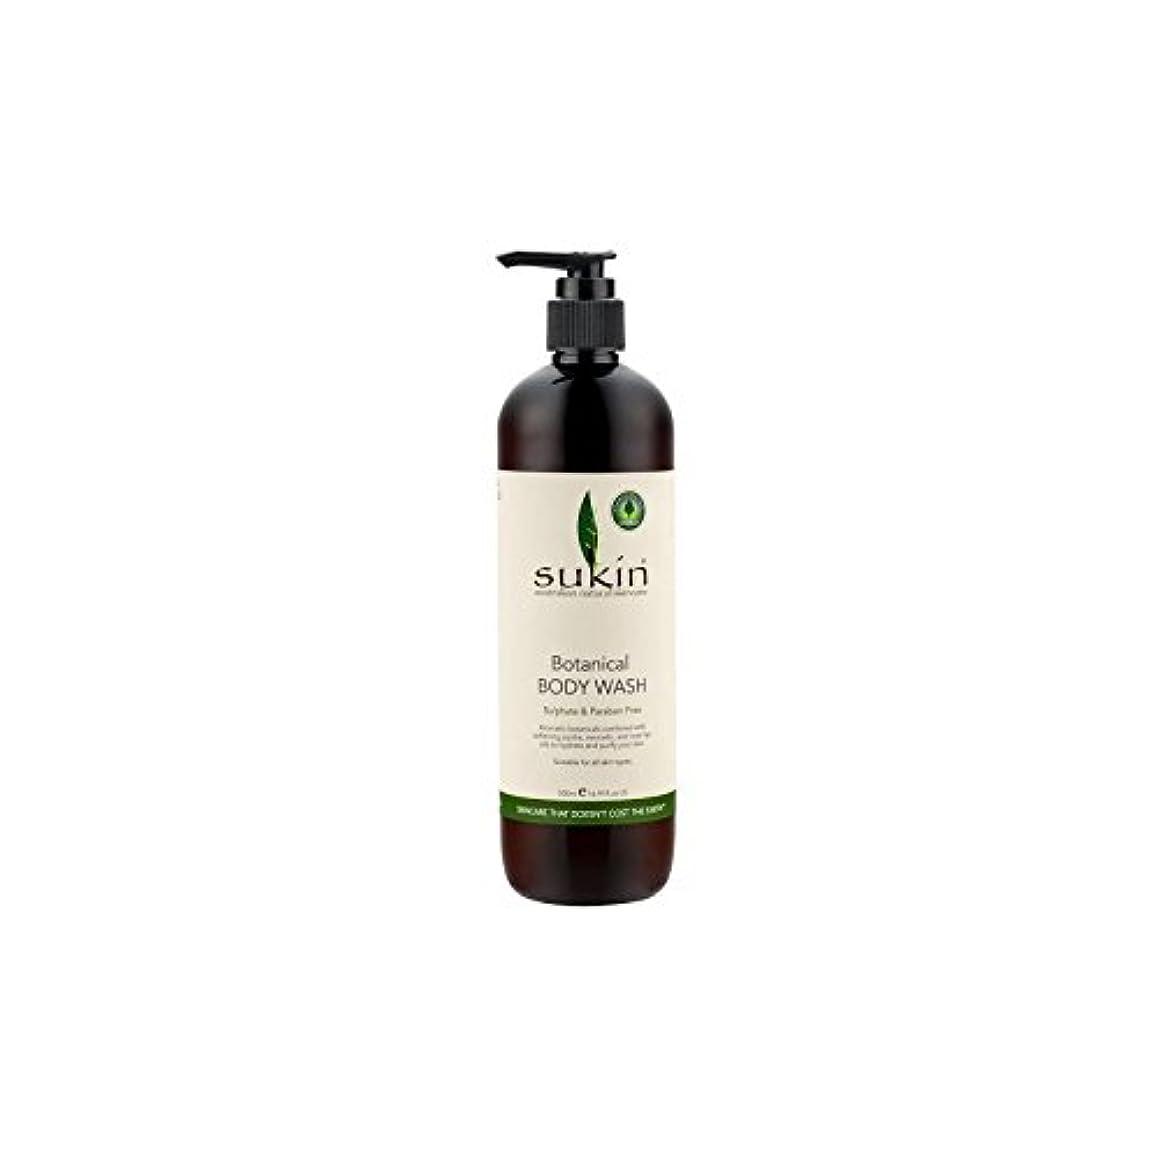 好奇心盛失敗ガムSukin Botanical Body Wash (500ml) - 植物ボディウォッシュ(500ミリリットル) [並行輸入品]